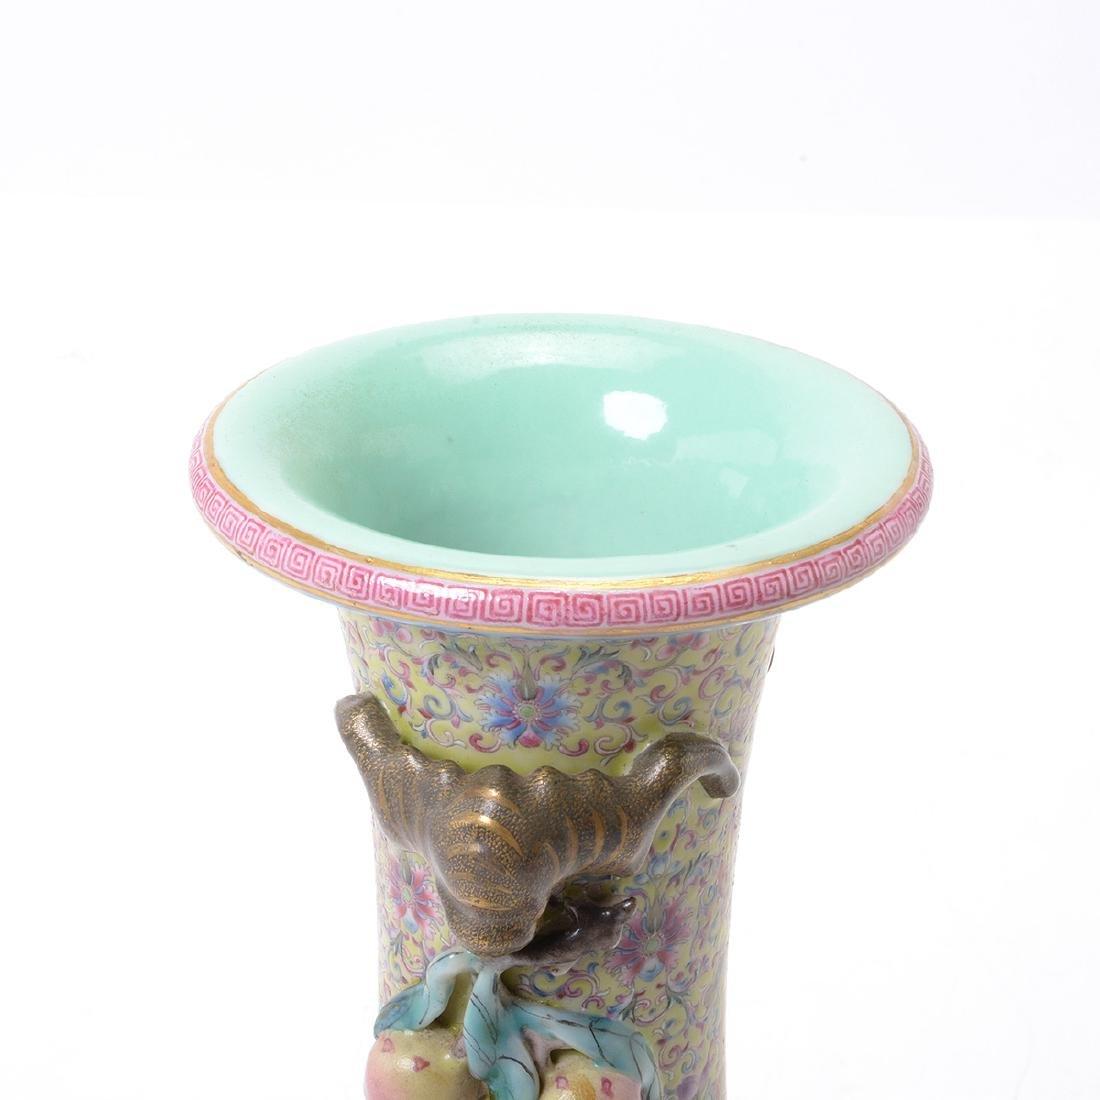 Famille Rose Square Form Vase, Republic Period - 3